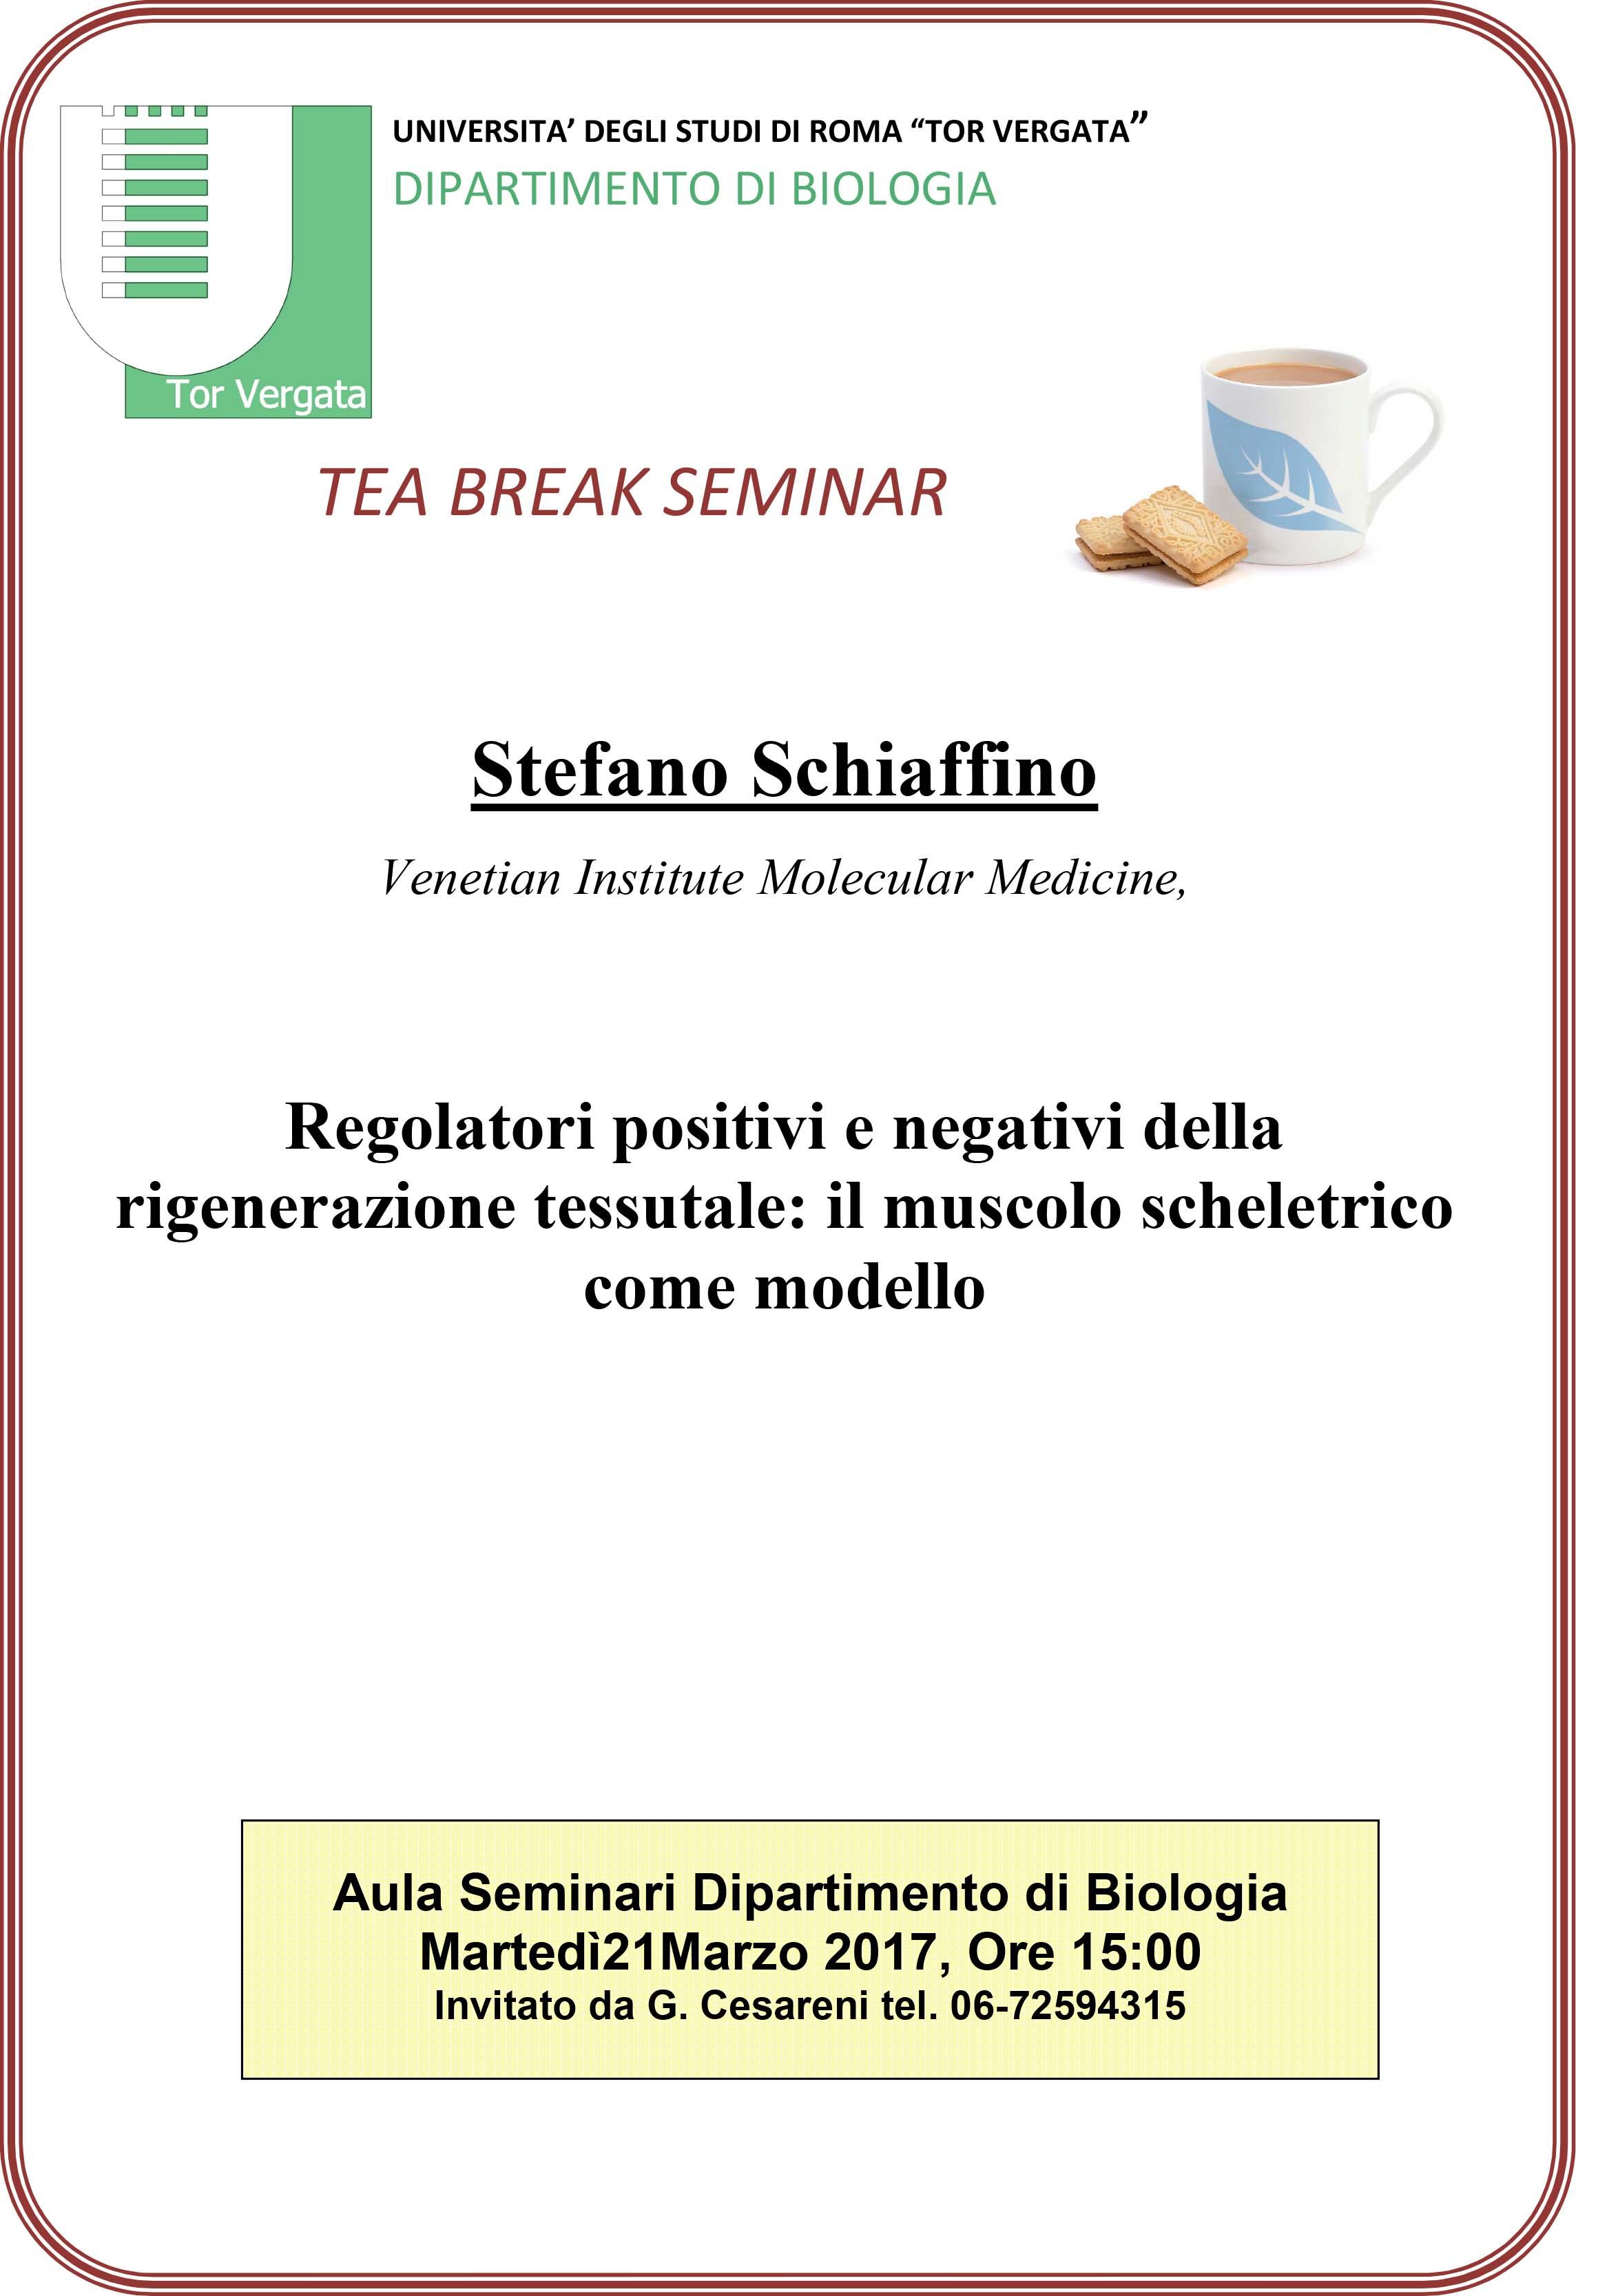 Avviso seminario: Regolatori positivi e negativi della rigenerazione tessutale: il muscolo scheletrico come modello